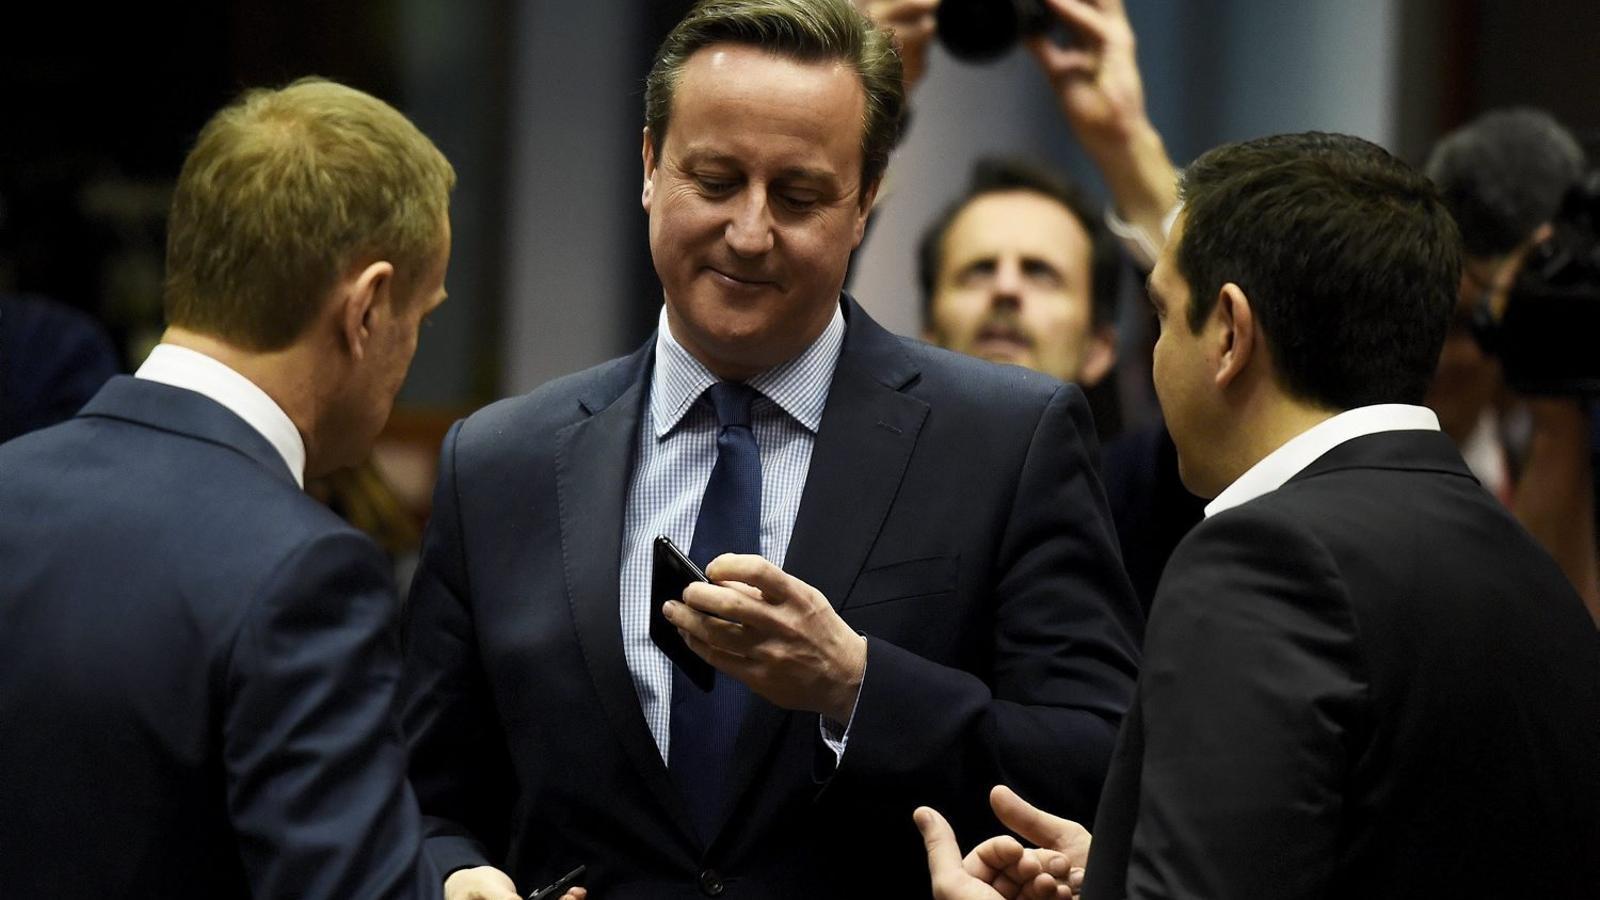 El 'Brexit' i el miratge de l'angloesfera